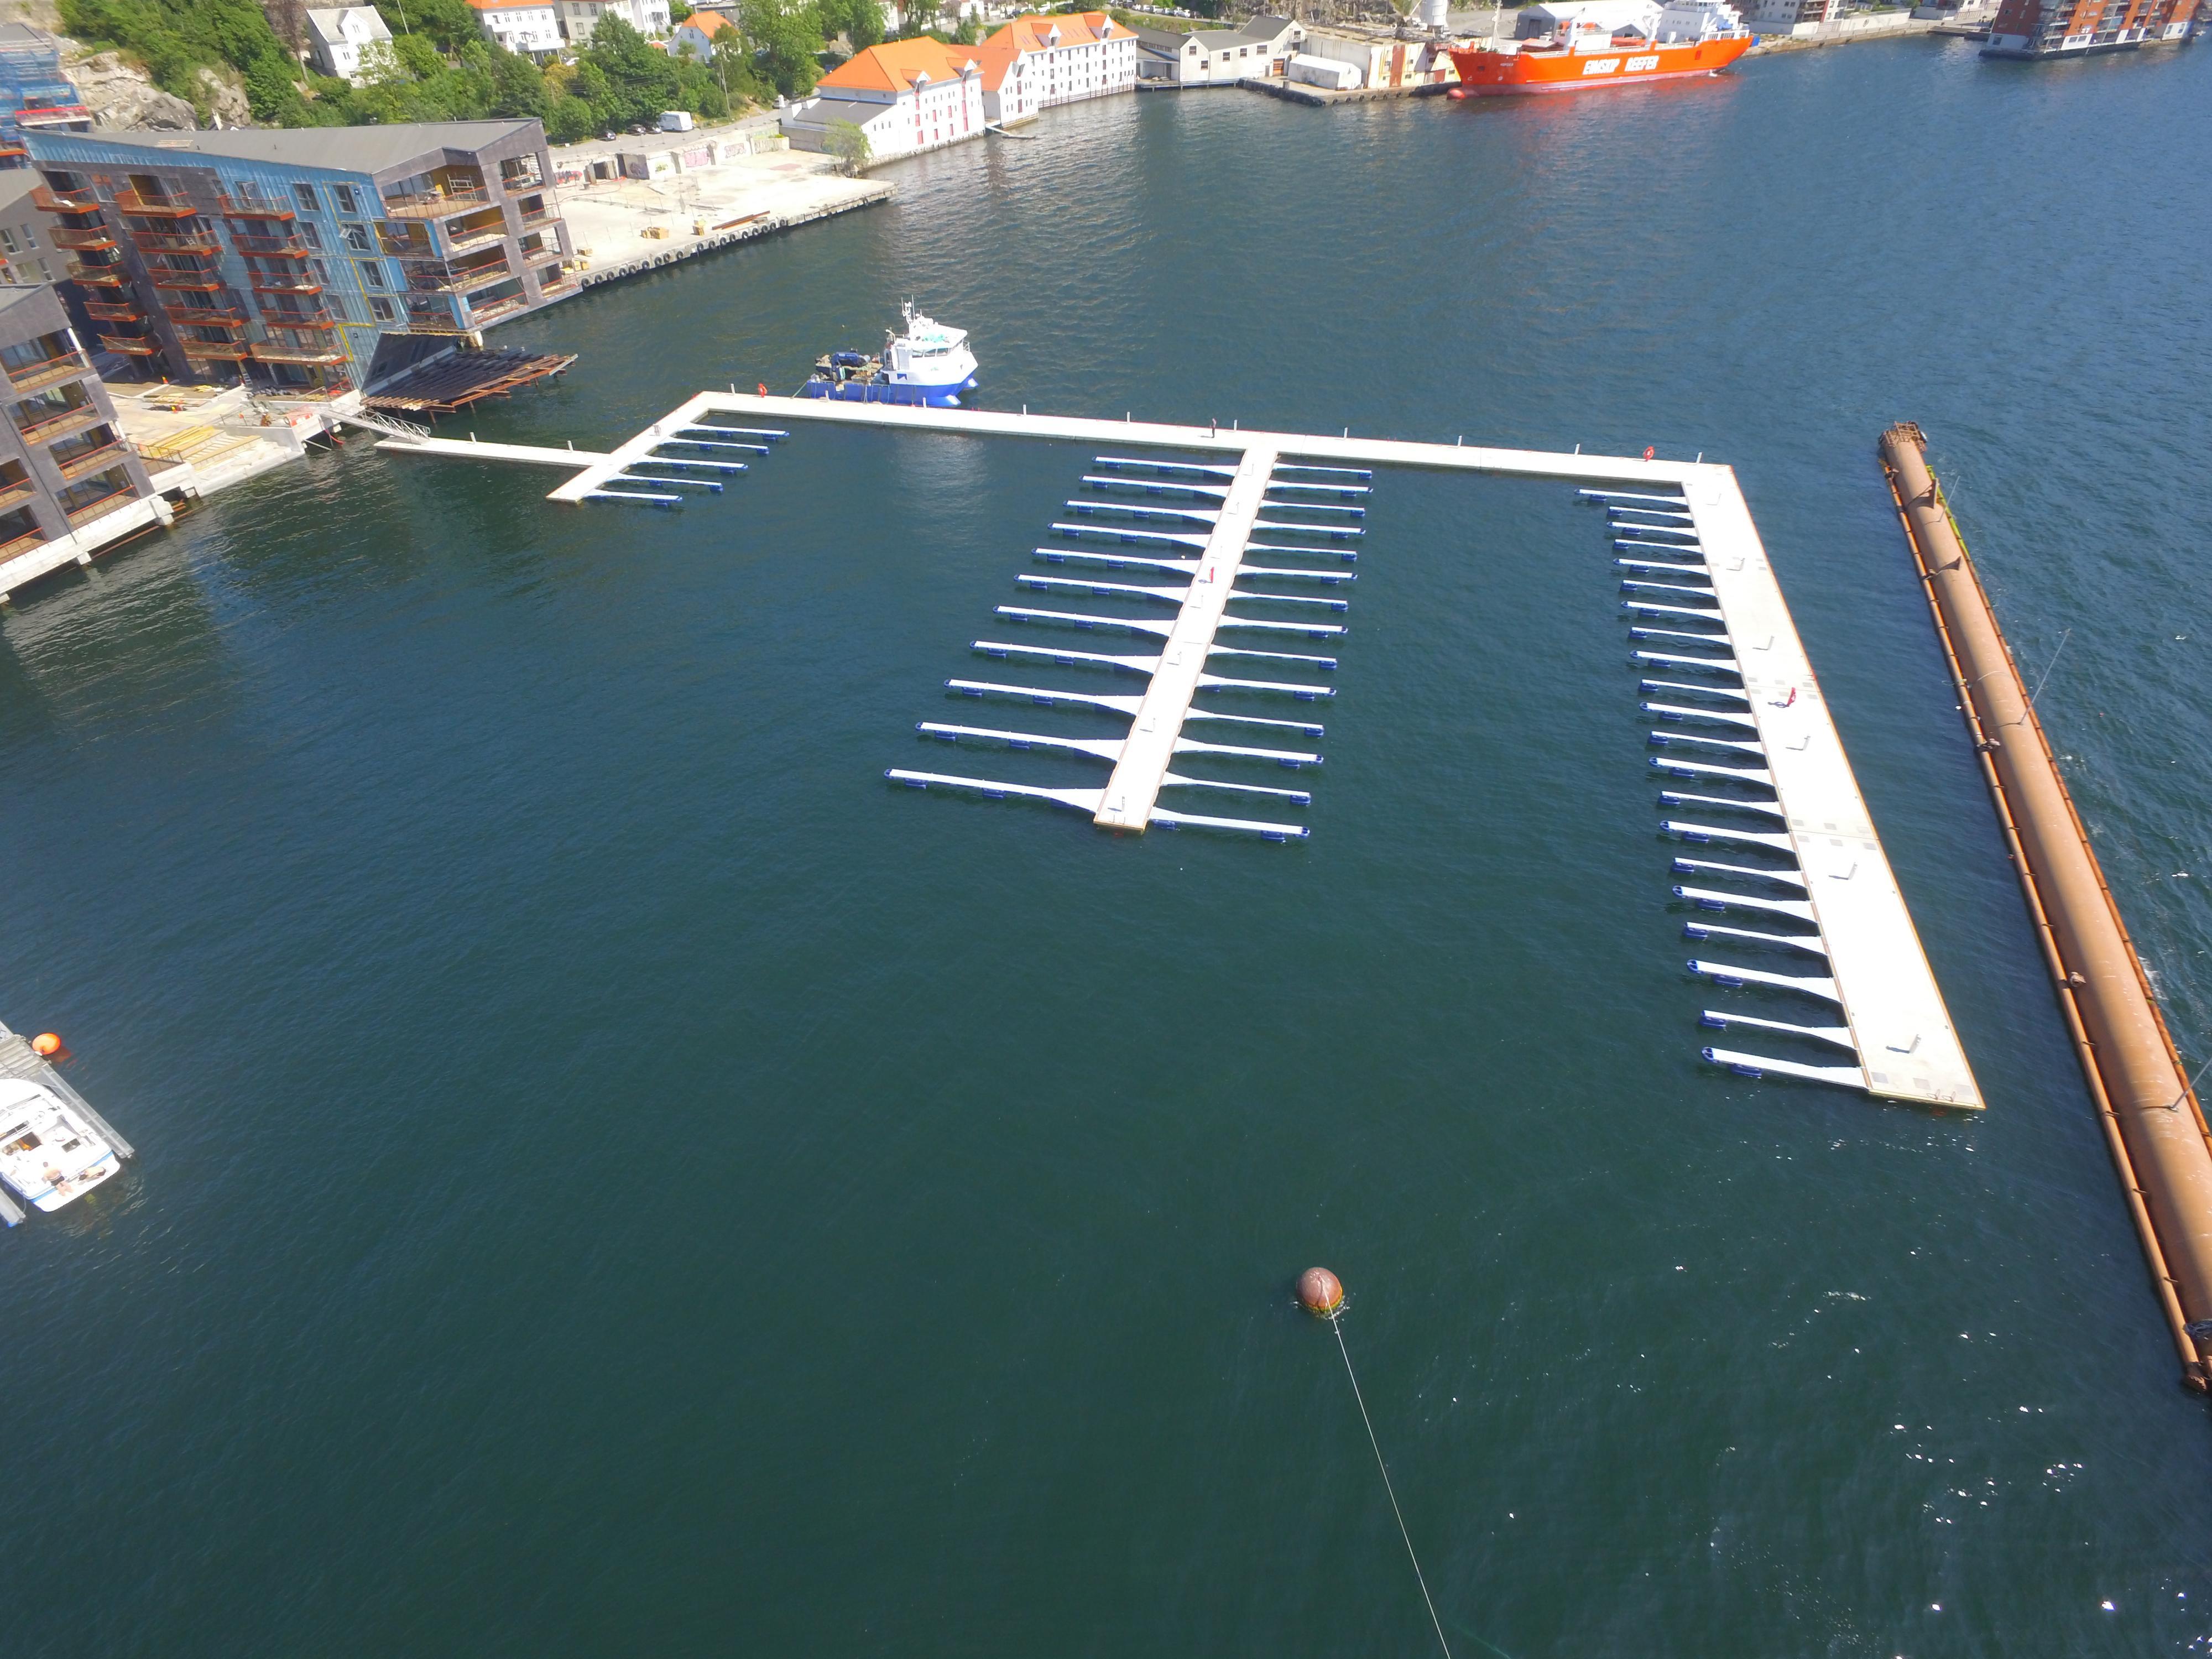 https://www.marinasolutions.no/uploads/Elsesroe-Brygge-Bergen-2.JPG